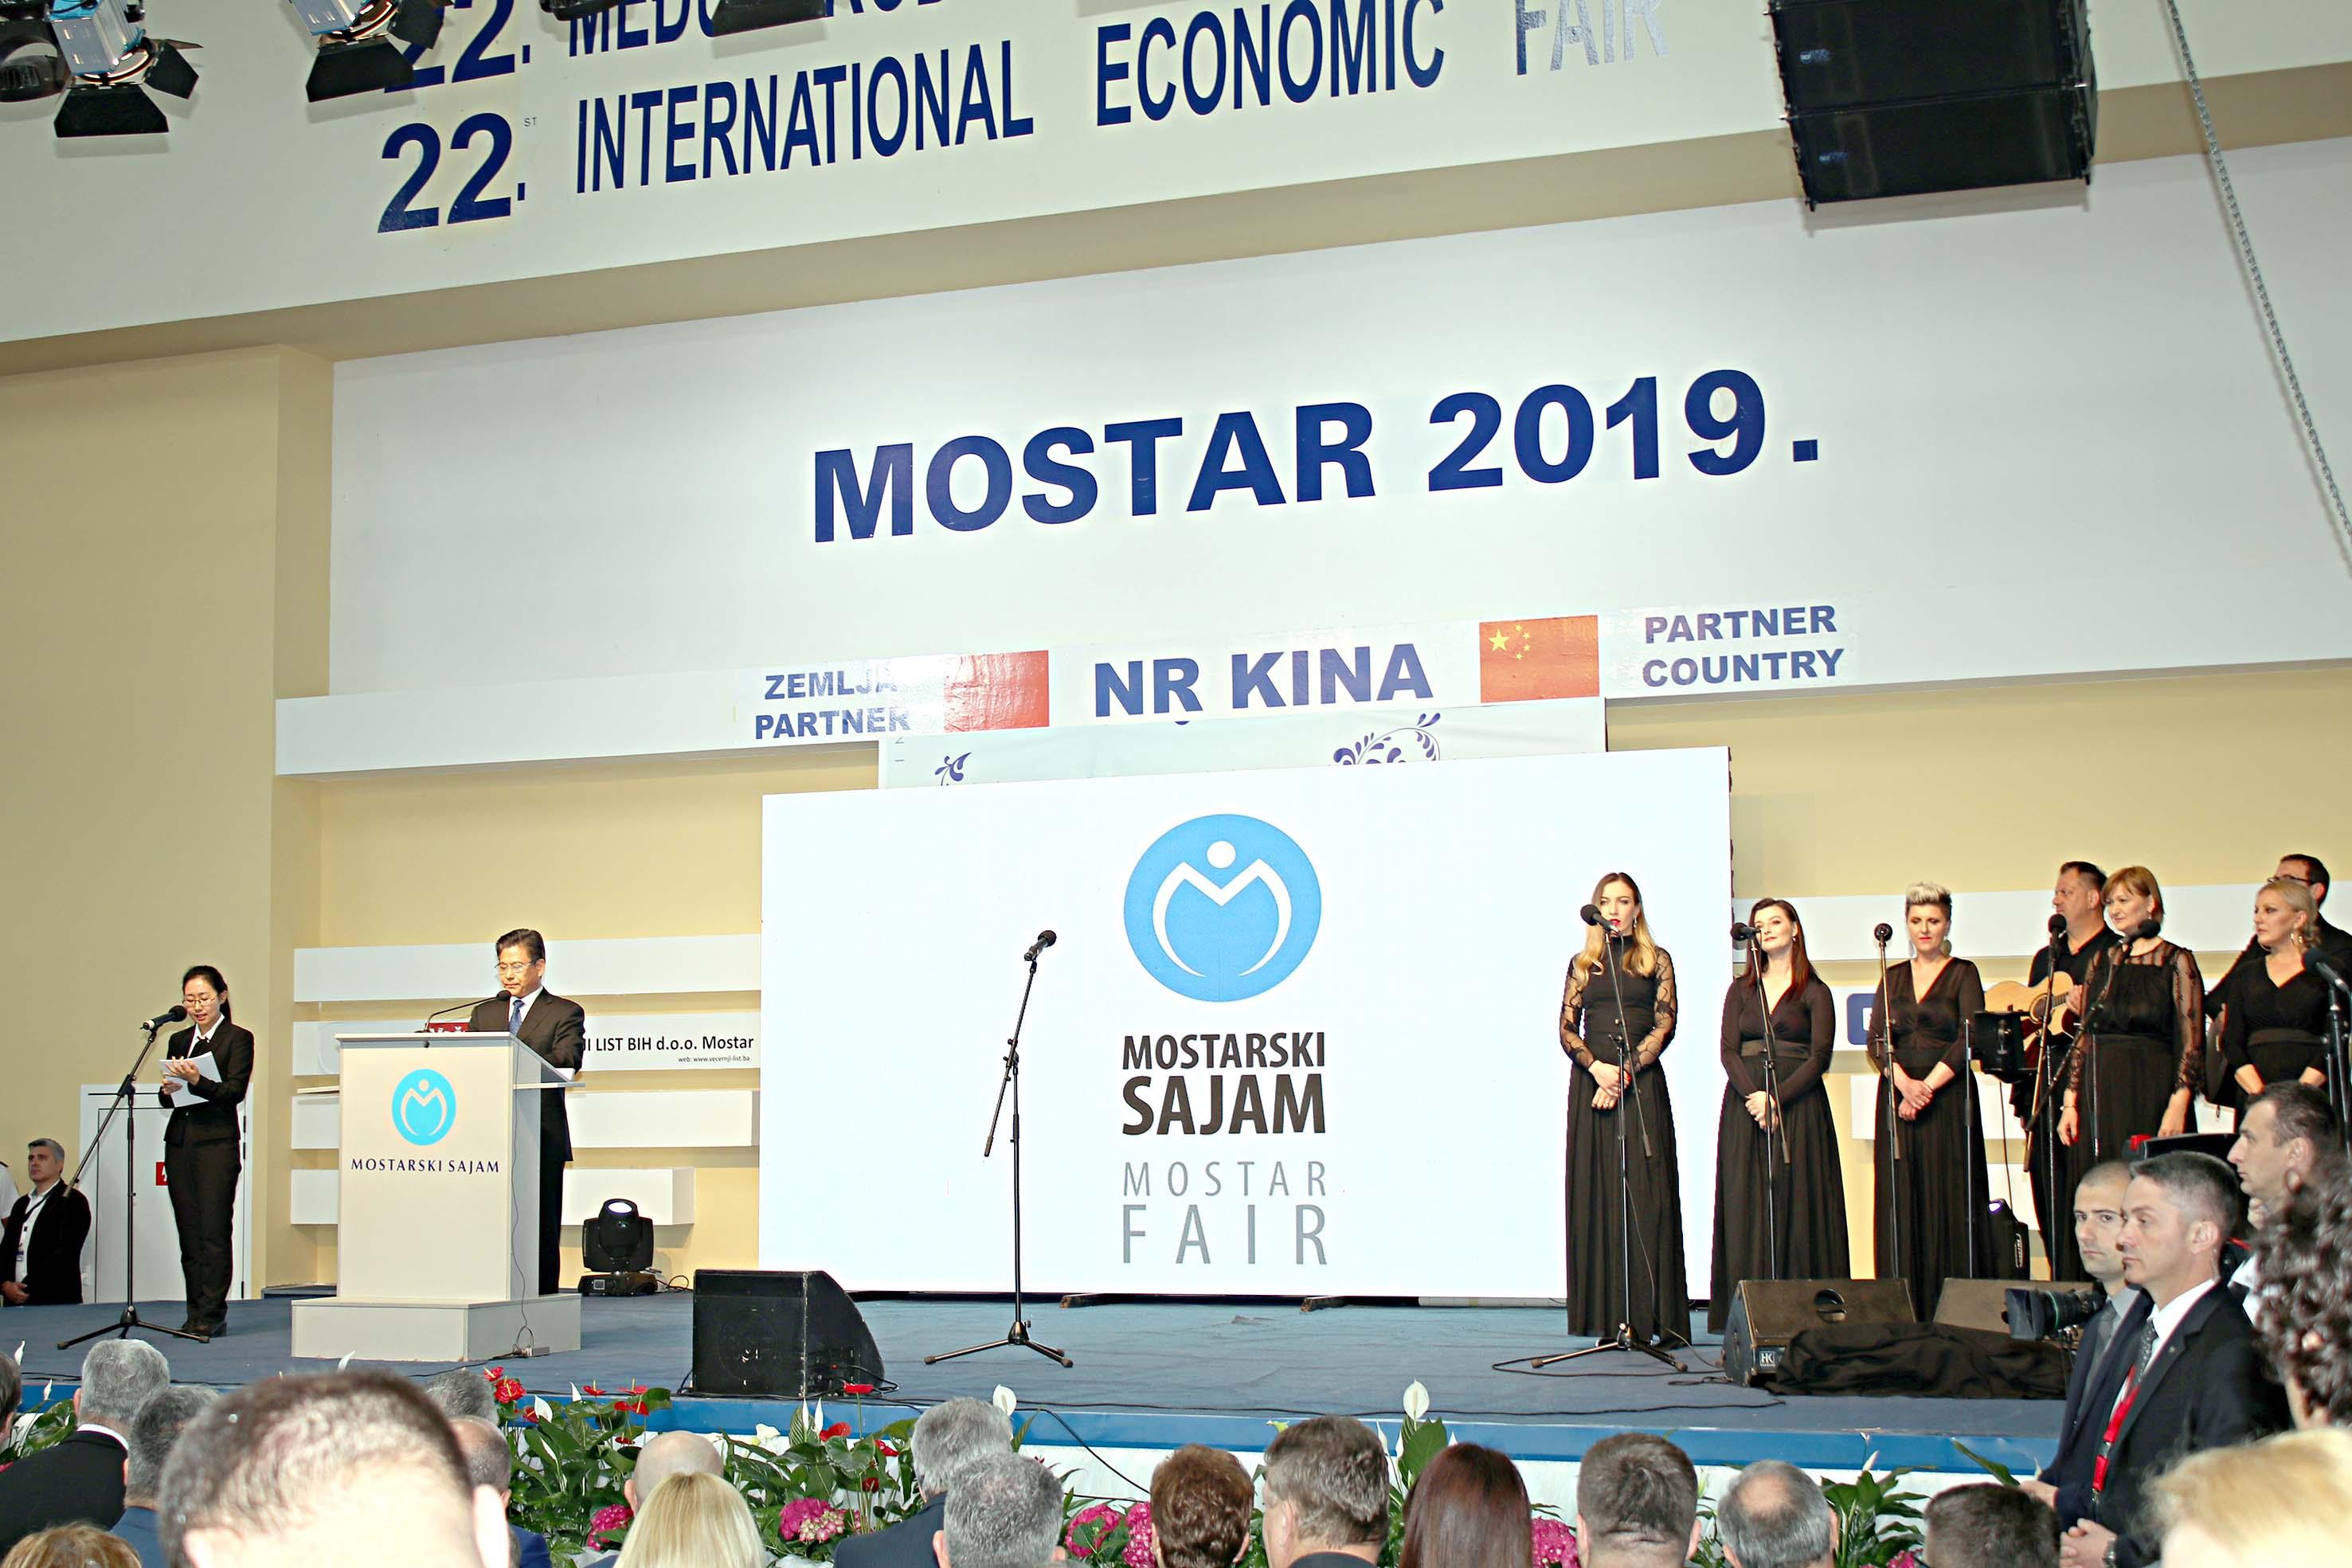 Sajam Mostar 2